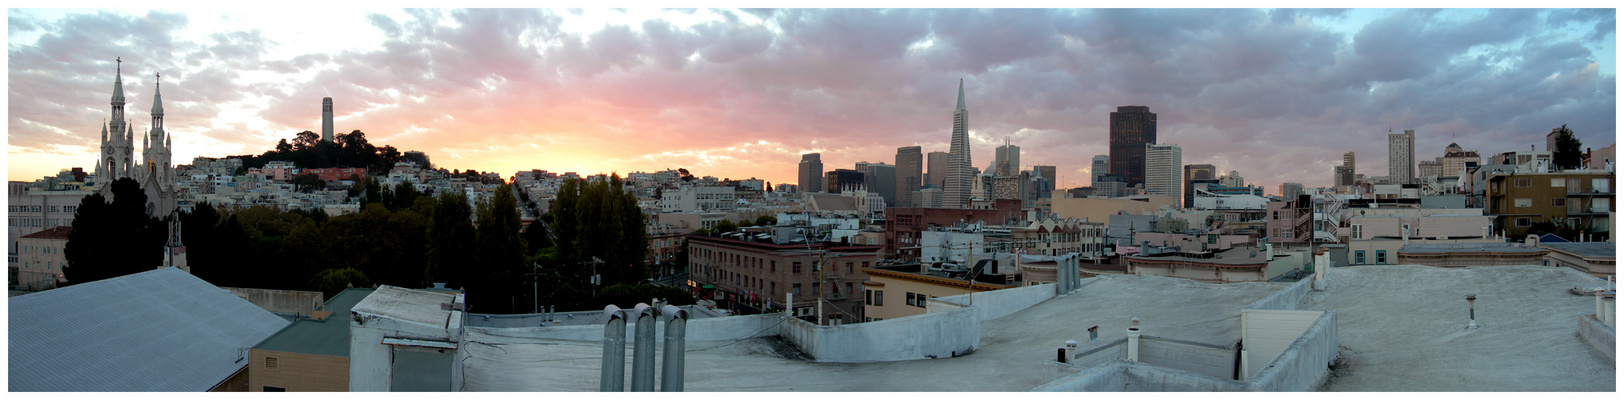 Good Morning San Francisco! (Pano)